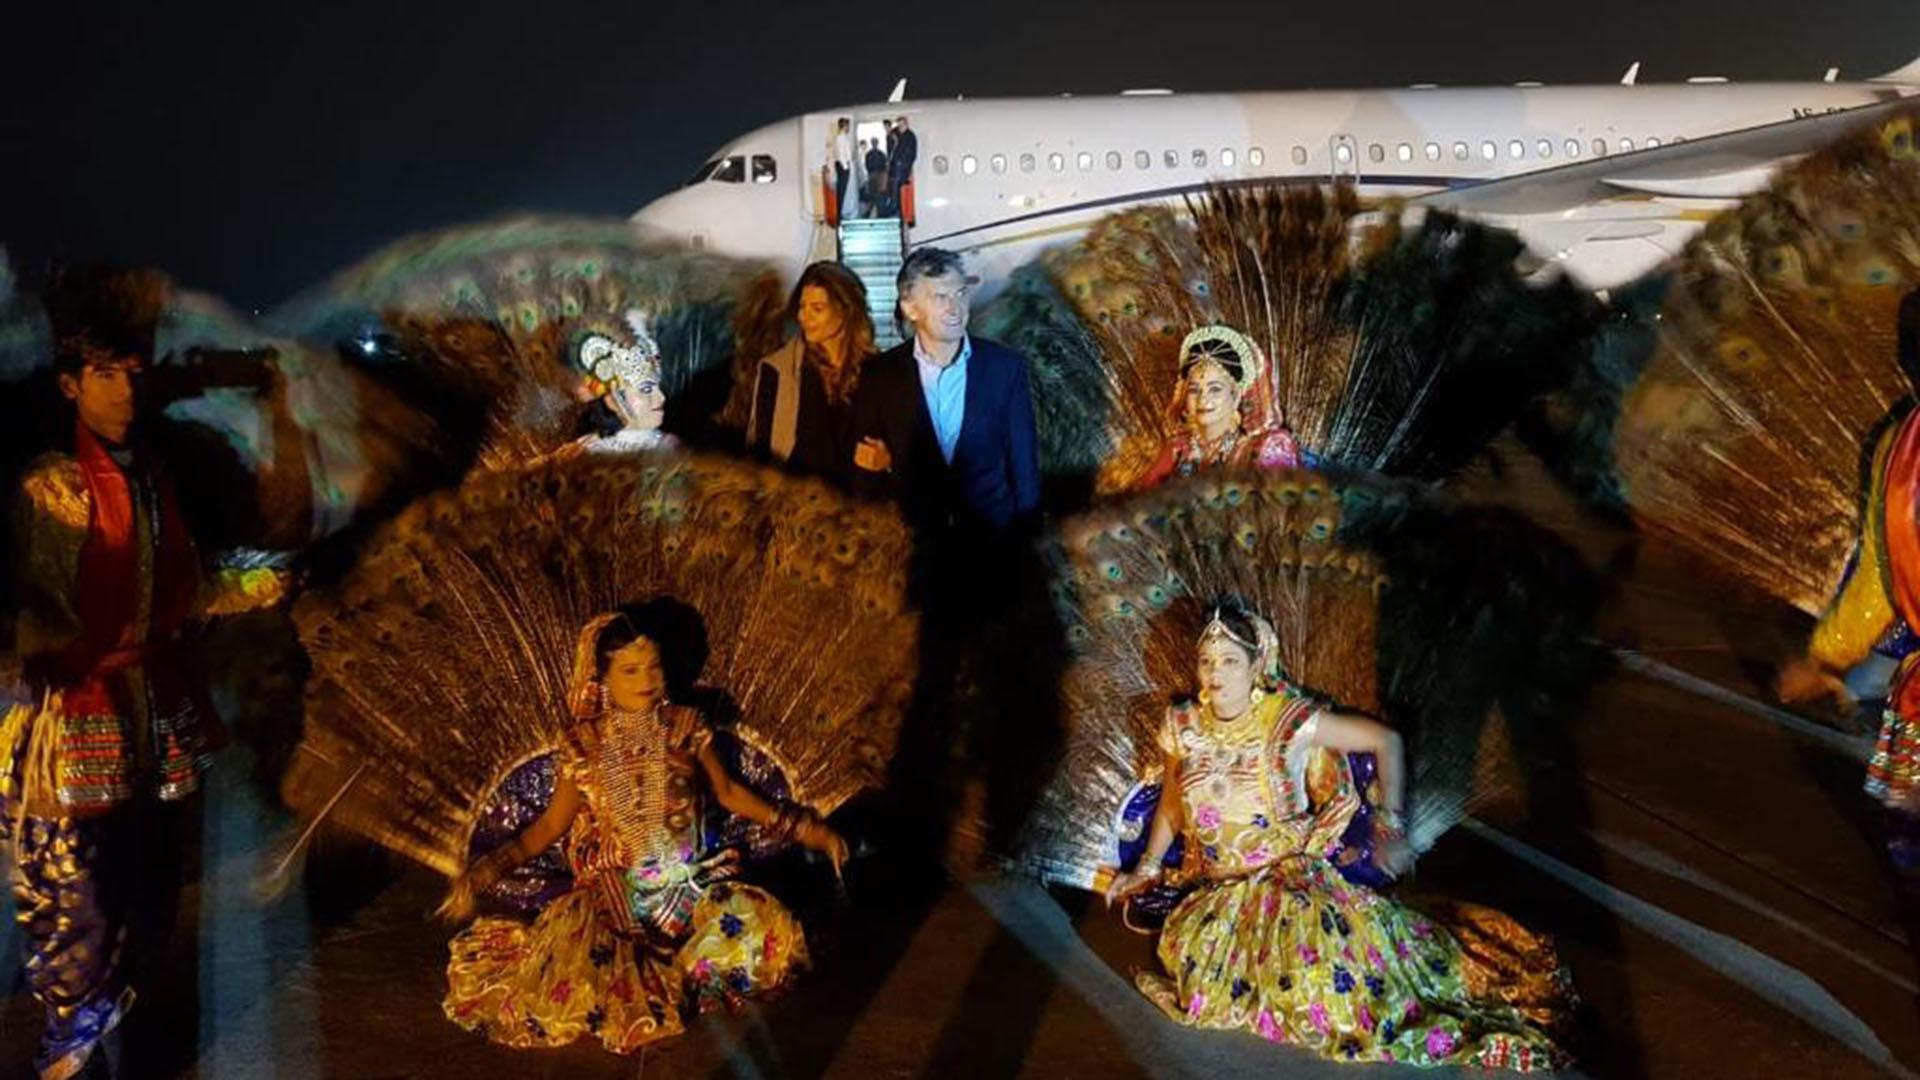 El presidente Mauricio Macri y su esposa Juliana Awada fueron recibidos de una forma especial en la ciudad de Agra